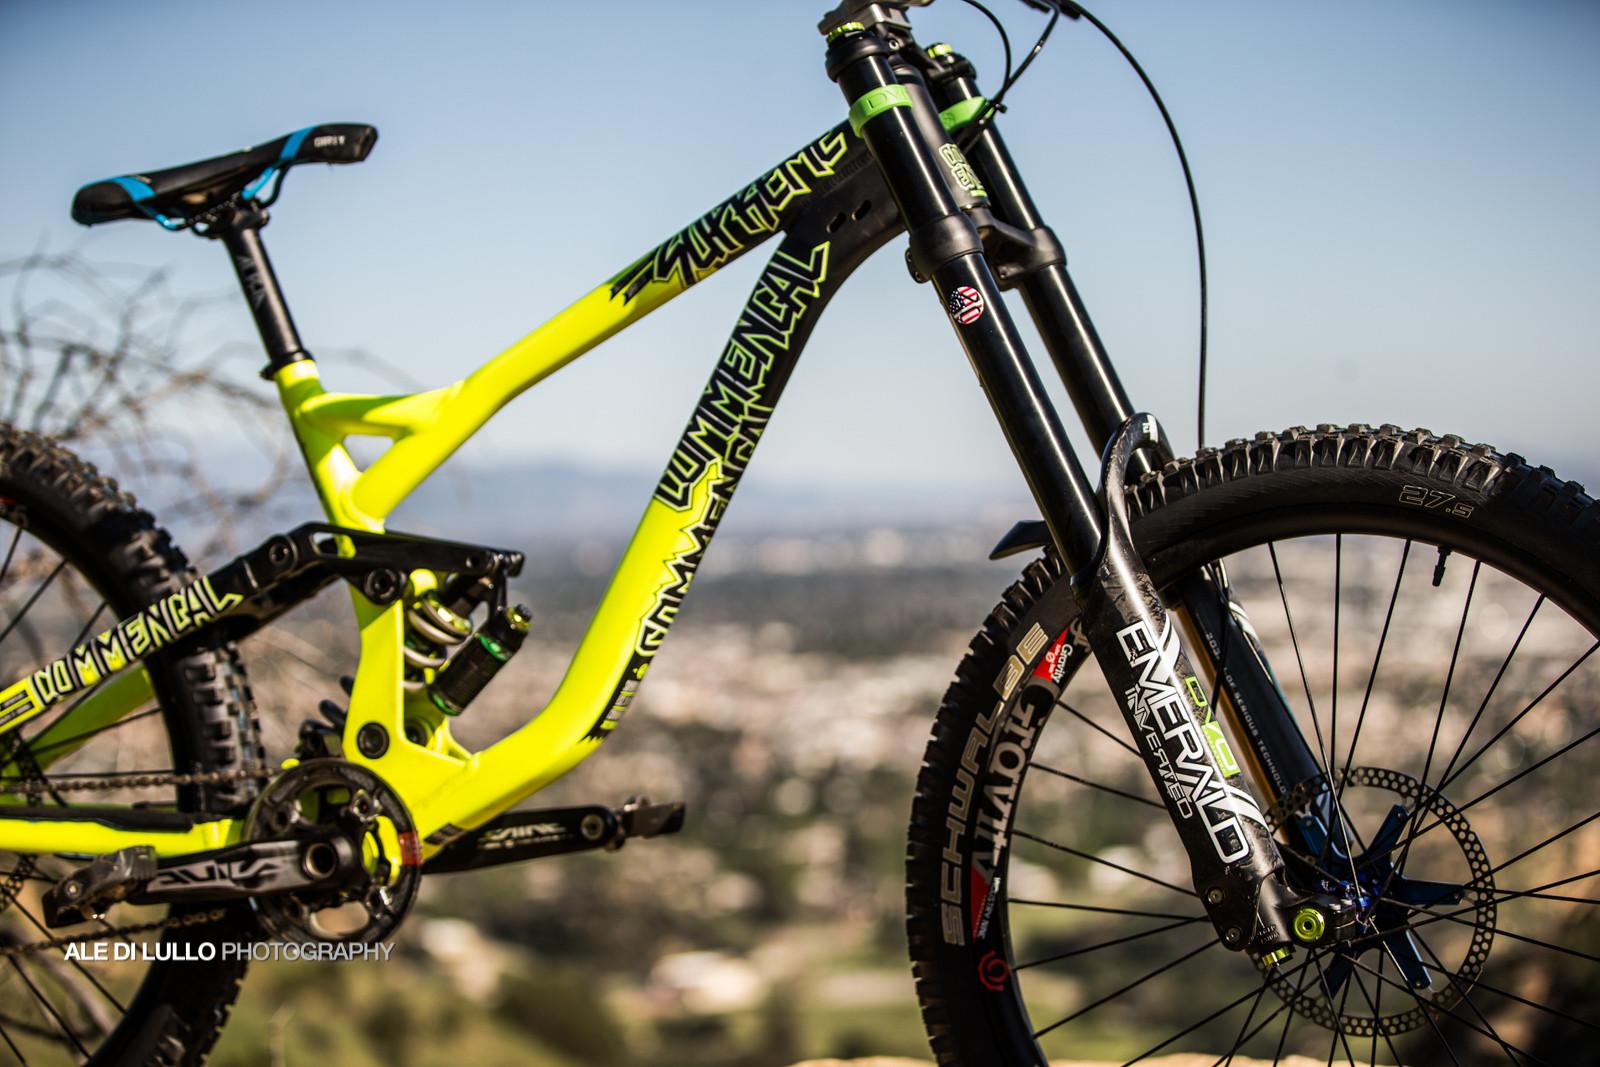 4a7e77540a7 Lorenzo Suding's Commencal Supreme DH with DVO Suspension - Pro Bike Check:  Lorenzo Suding's Team